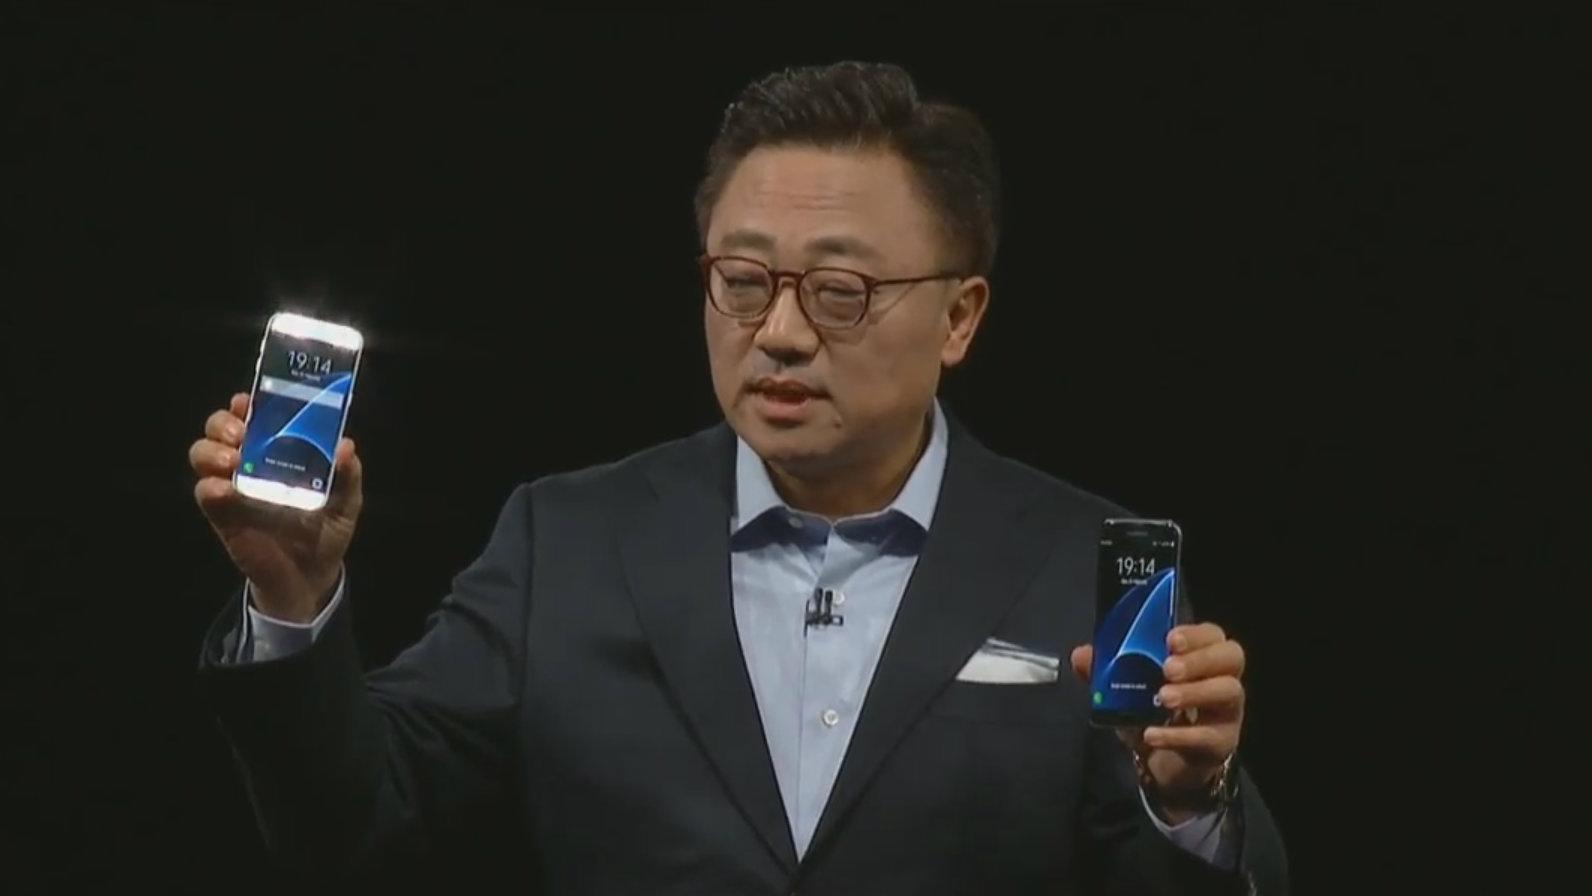 Galaxy S7 & Galaxy S7 Edge